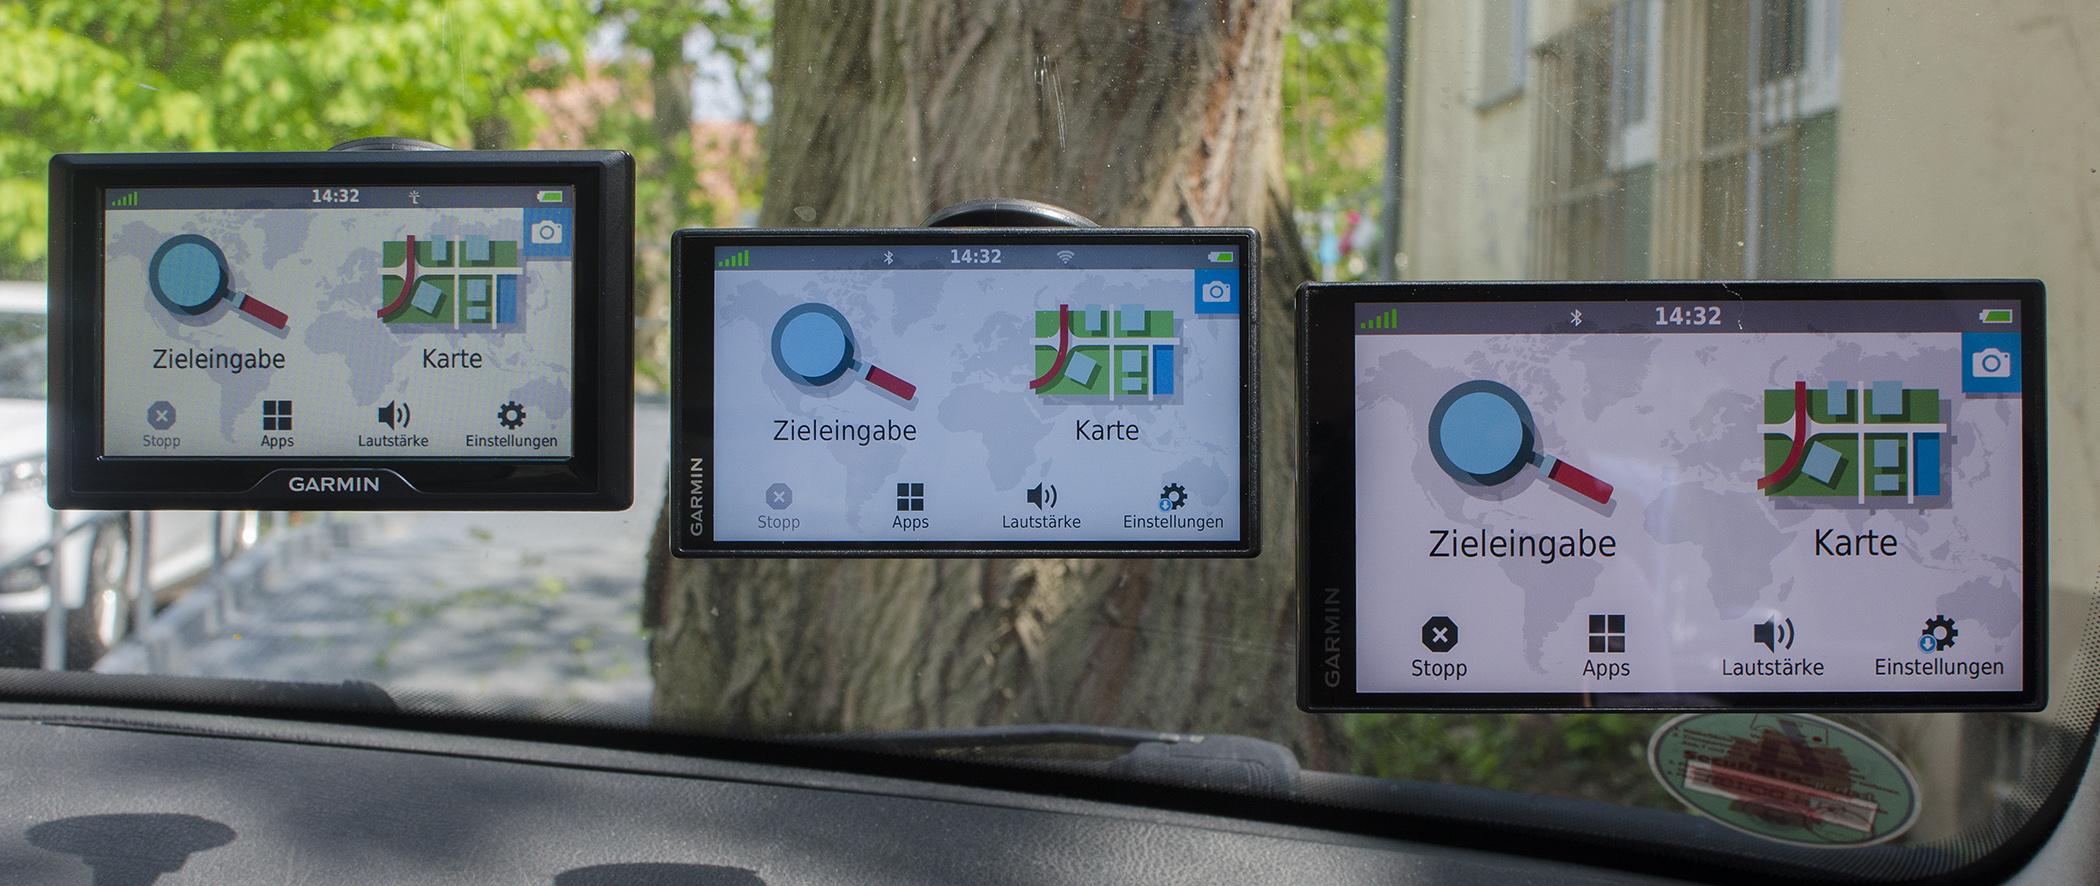 garmin drive 52 drive smart 55 65 test navigation gps blitzer pois. Black Bedroom Furniture Sets. Home Design Ideas